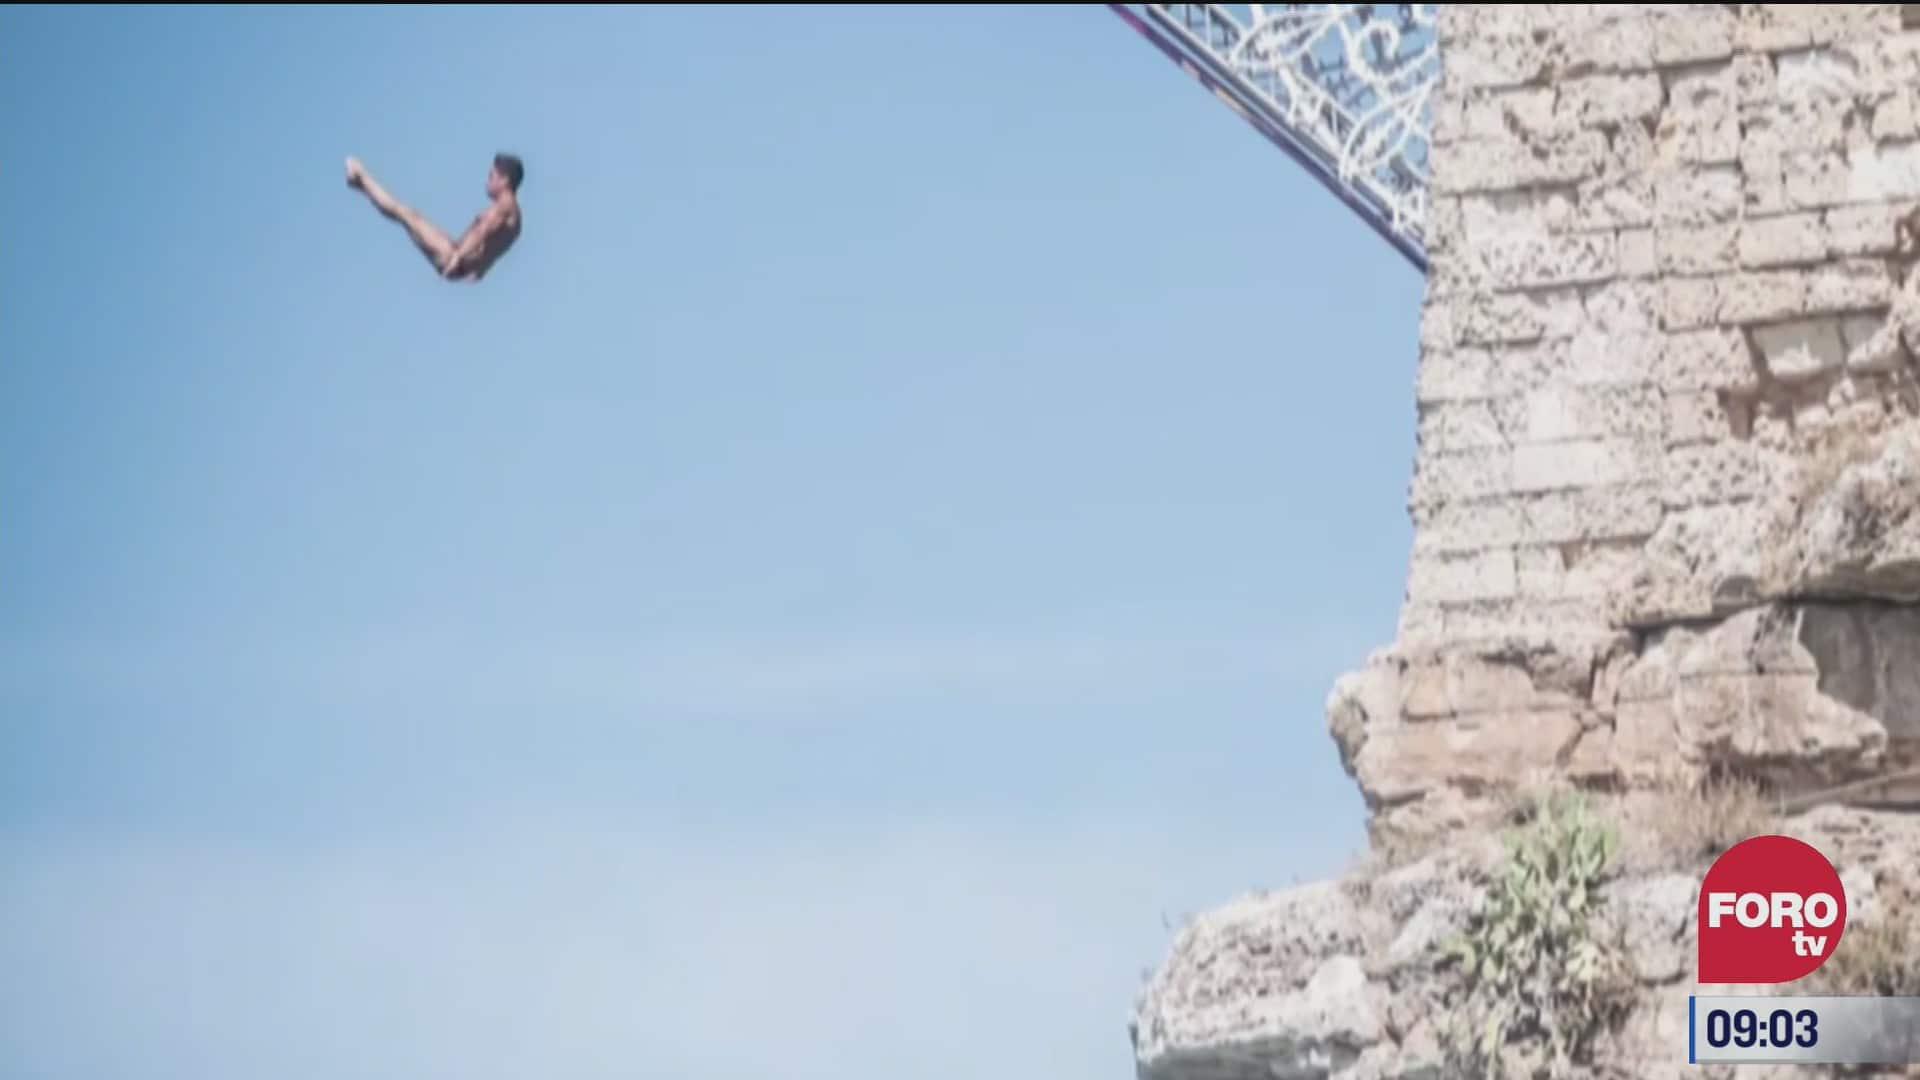 increible competencia de clavados desde un acantilado en italia